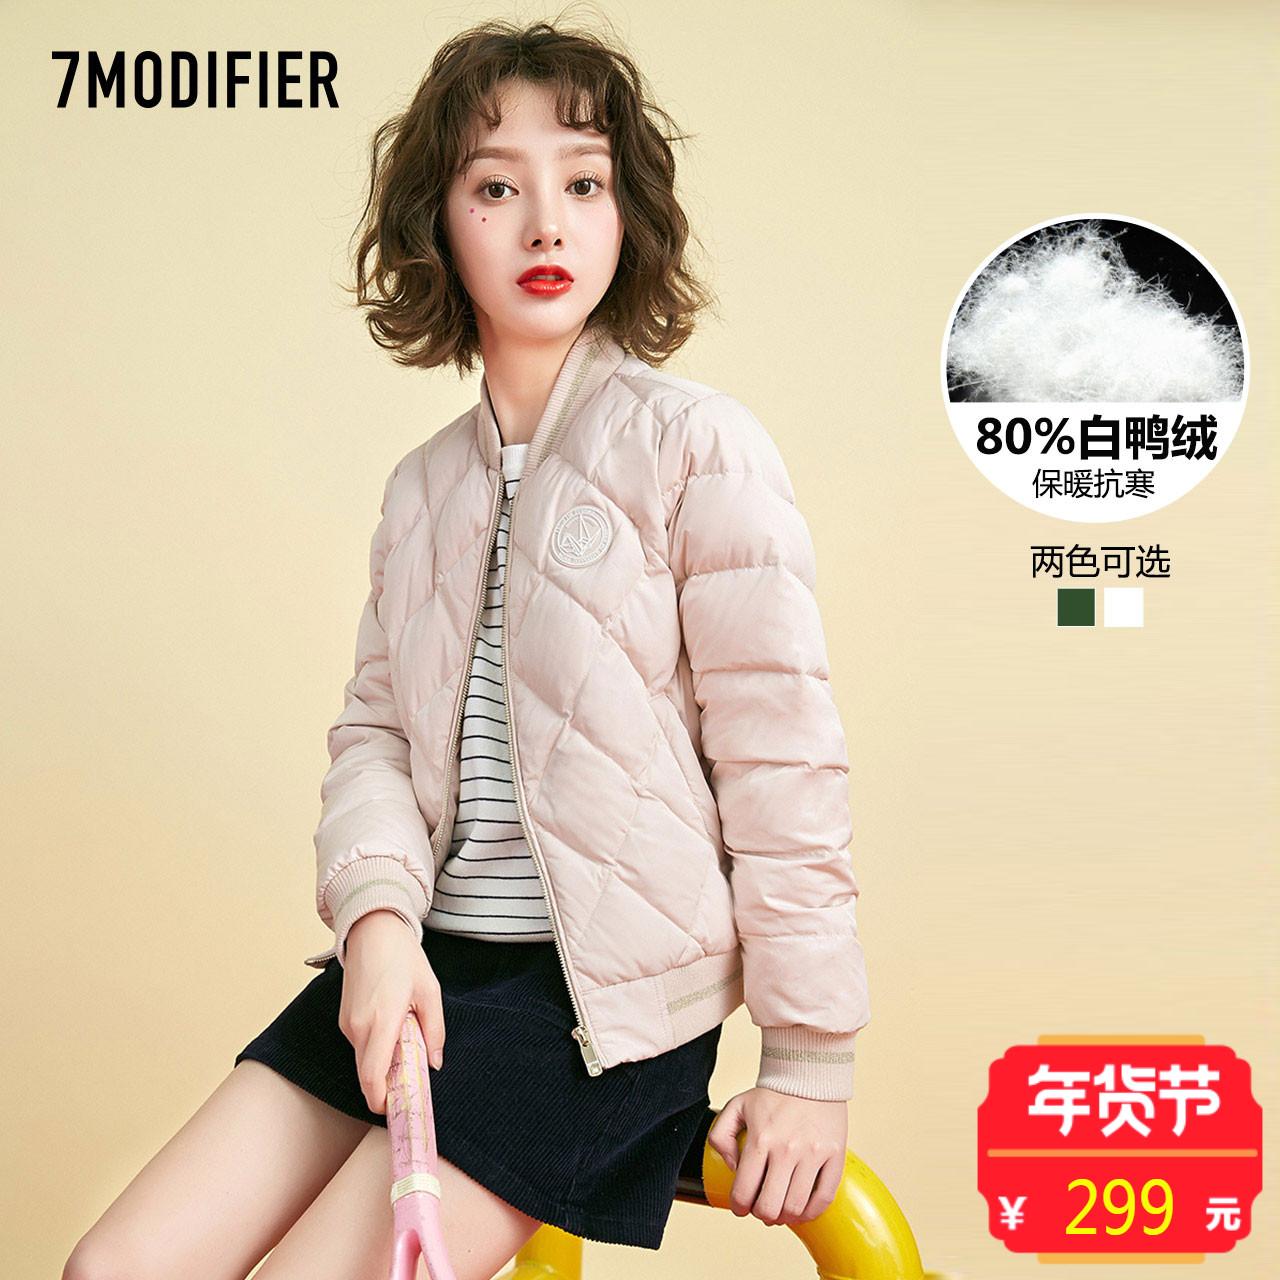 7modifier官方旗舰店